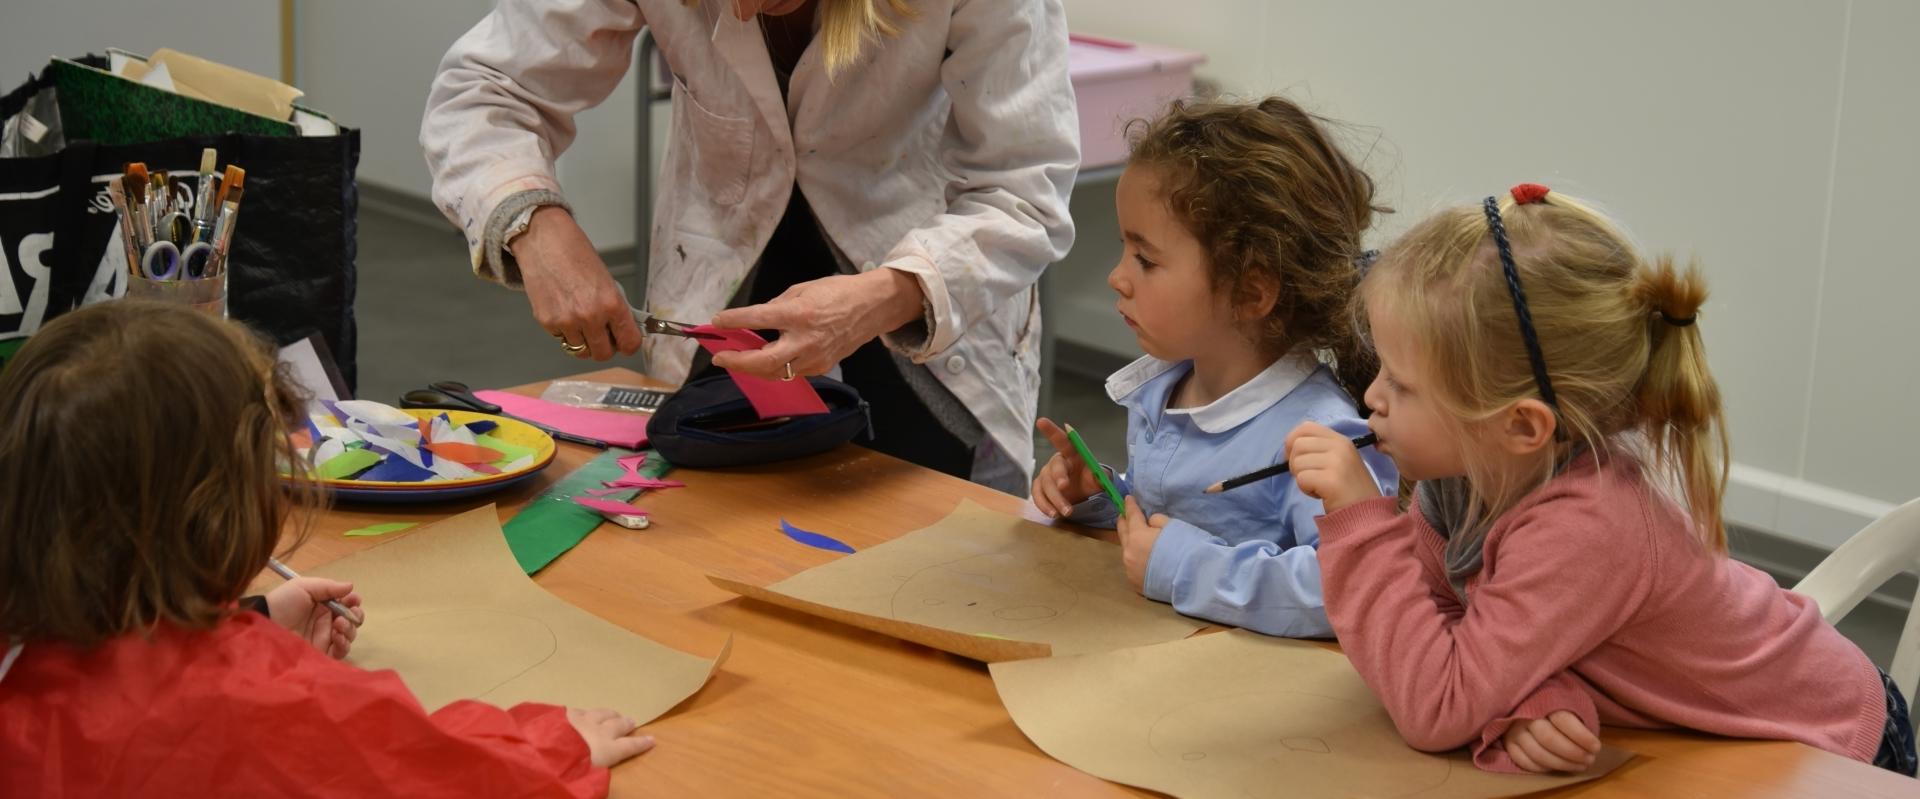 Ecole Alexander Fleming : une école primaire qui donne envie d'apprendre